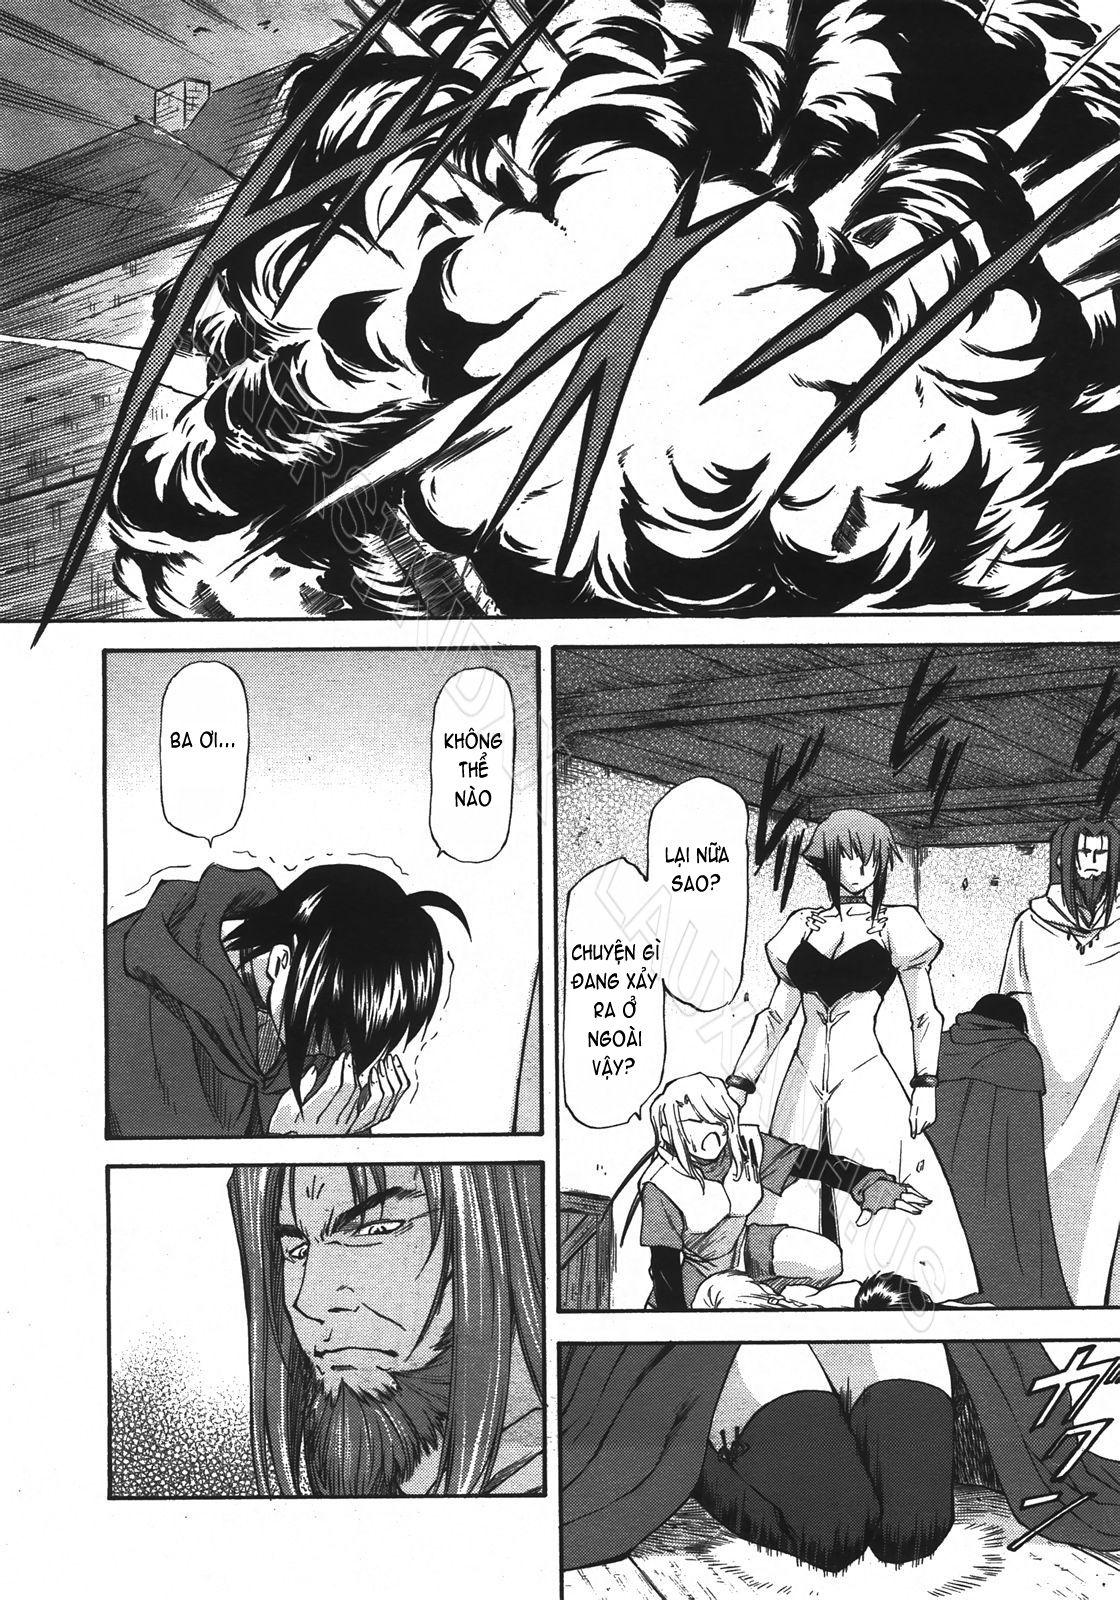 Hình ảnh Hinh_007 trong bài viết Truyện tranh hentai không che: Parabellum